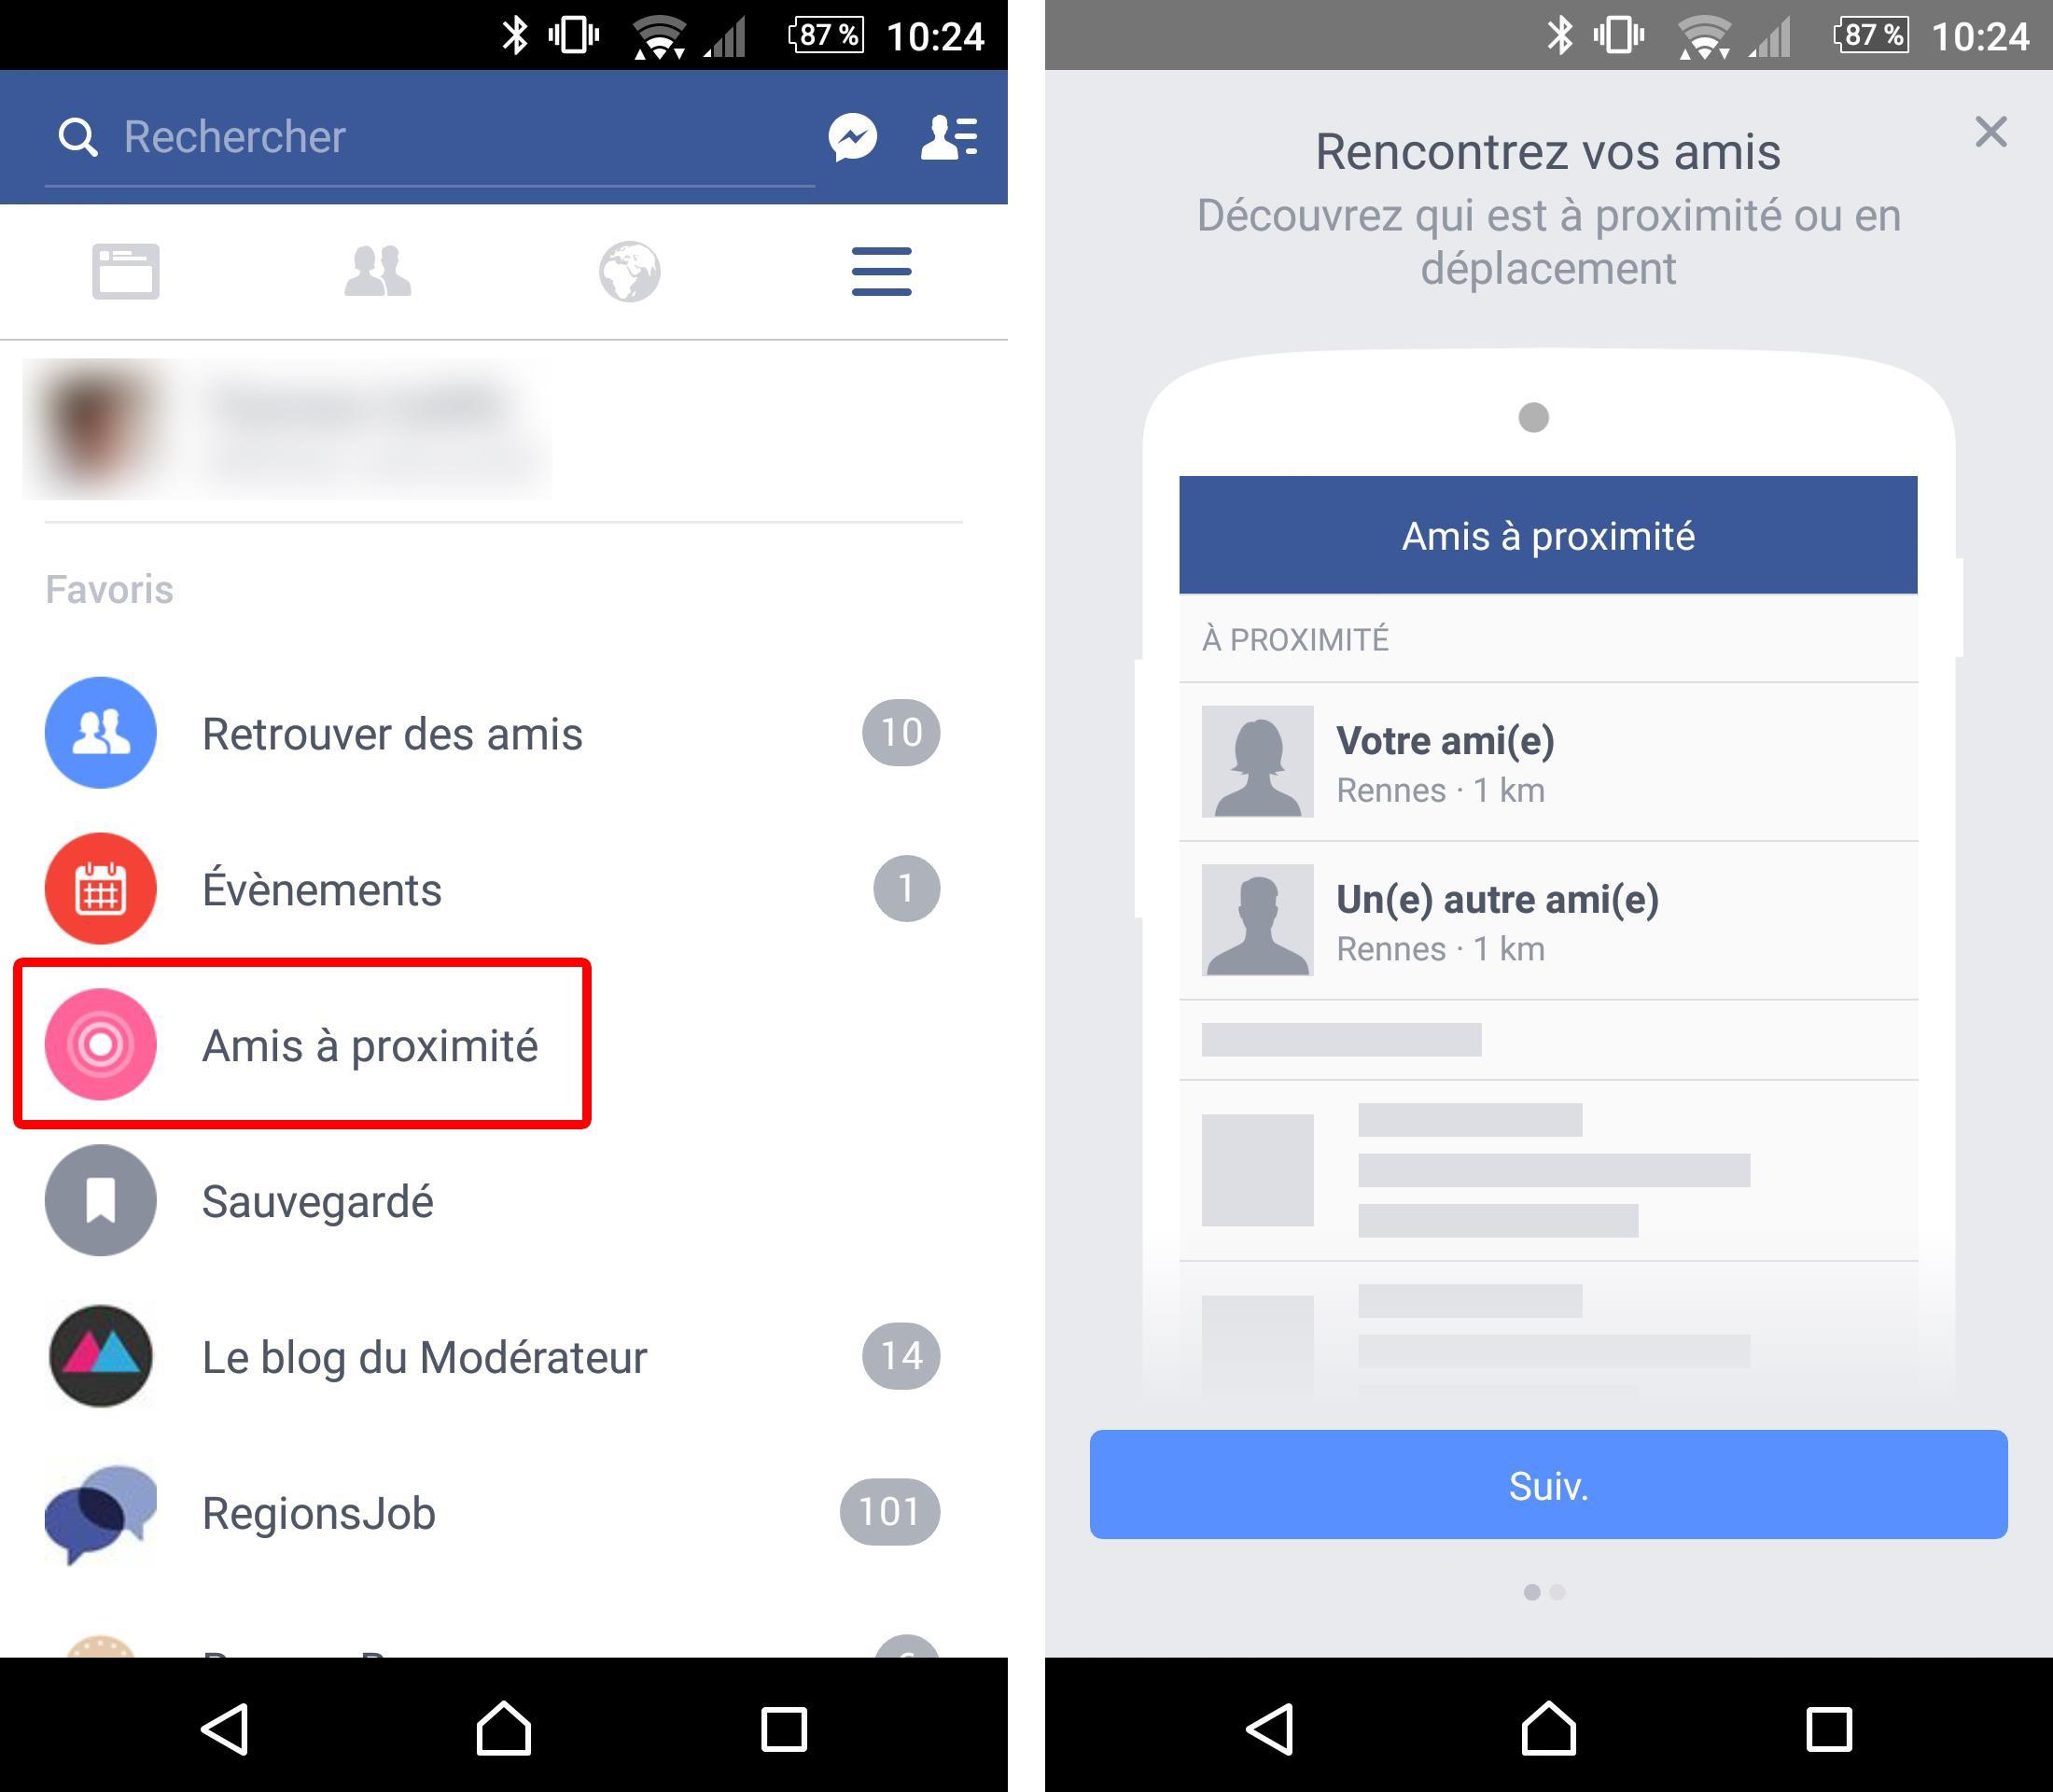 Facebook annonce son application de rencontre - Blog YATEO